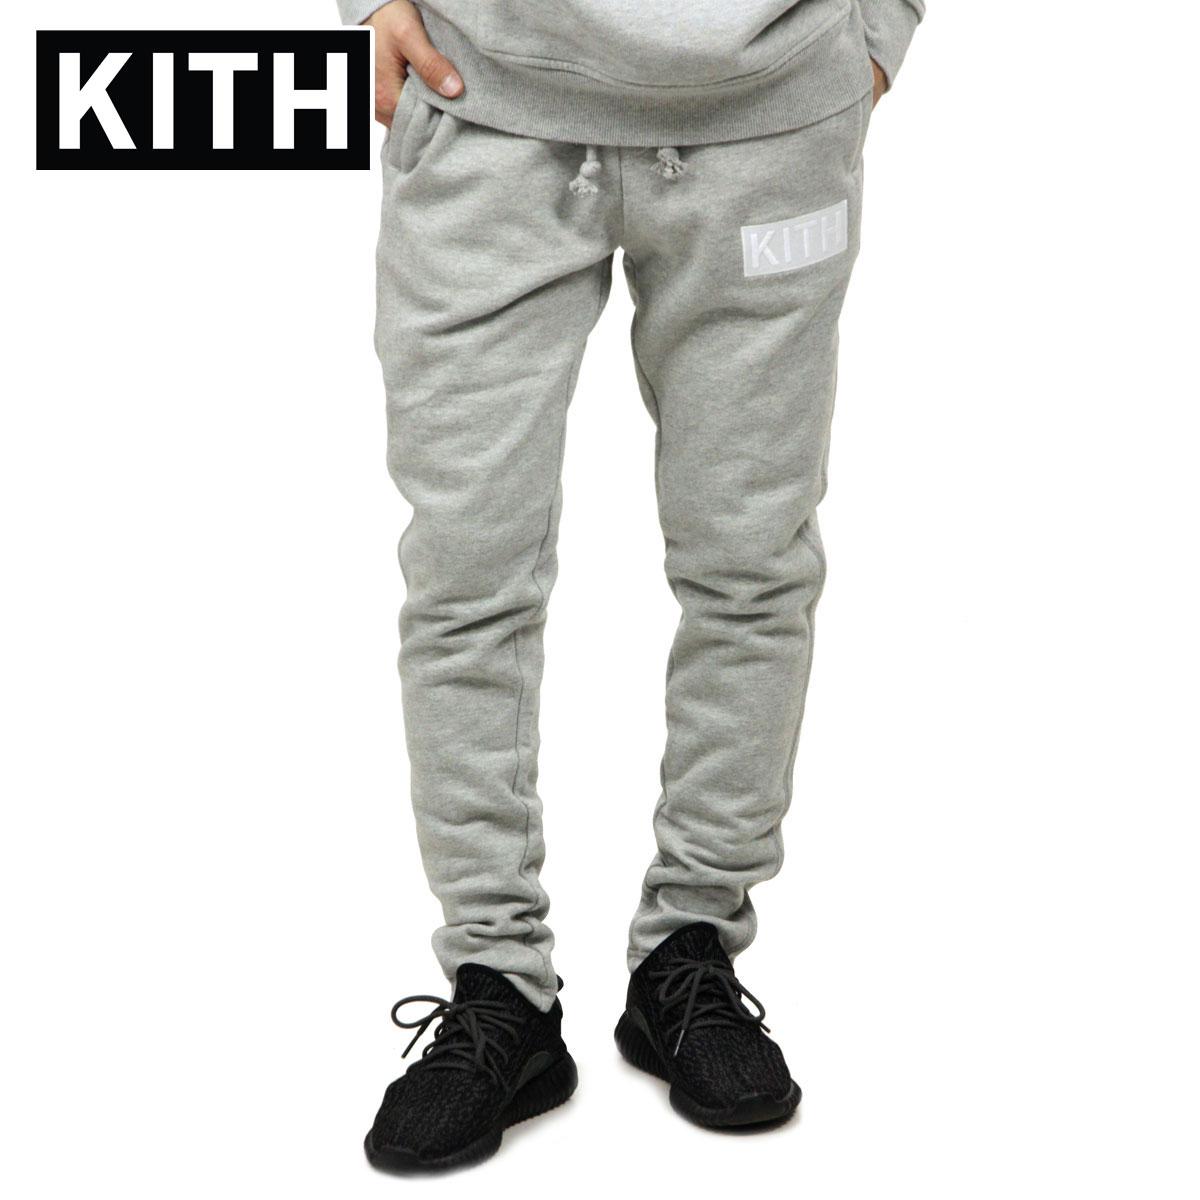 キス KITH 正規品 メンズ スウェットパンツ KITH WILLIAMS II SWEATPANT KH6160-103 BLACK